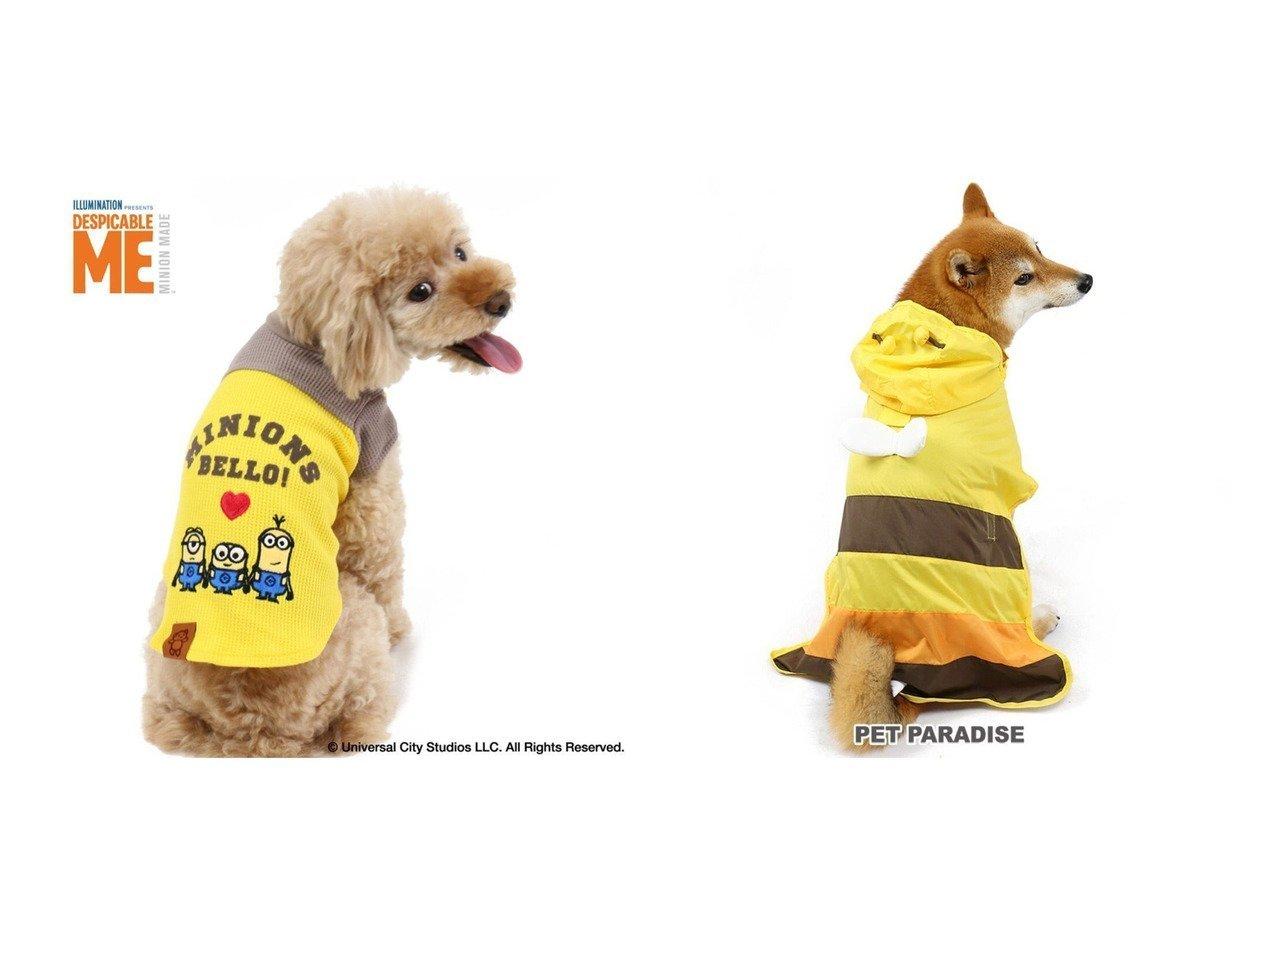 【PET PARADISE/ペットパラダイス】のミニオン 手つなぎ Tシャツ〔小型犬〕&ペットパラダイス レインコート 蜂 雨具 雨合羽〔中・大型犬〕 おすすめ!人気、ペットグッズの通販 おすすめで人気の流行・トレンド、ファッションの通販商品 メンズファッション・キッズファッション・インテリア・家具・レディースファッション・服の通販 founy(ファニー) https://founy.com/ 再入荷 Restock/Back in Stock/Re Arrival 犬 Dog ホームグッズ Home/Garden ペットグッズ Pet Supplies  ID:crp329100000032792